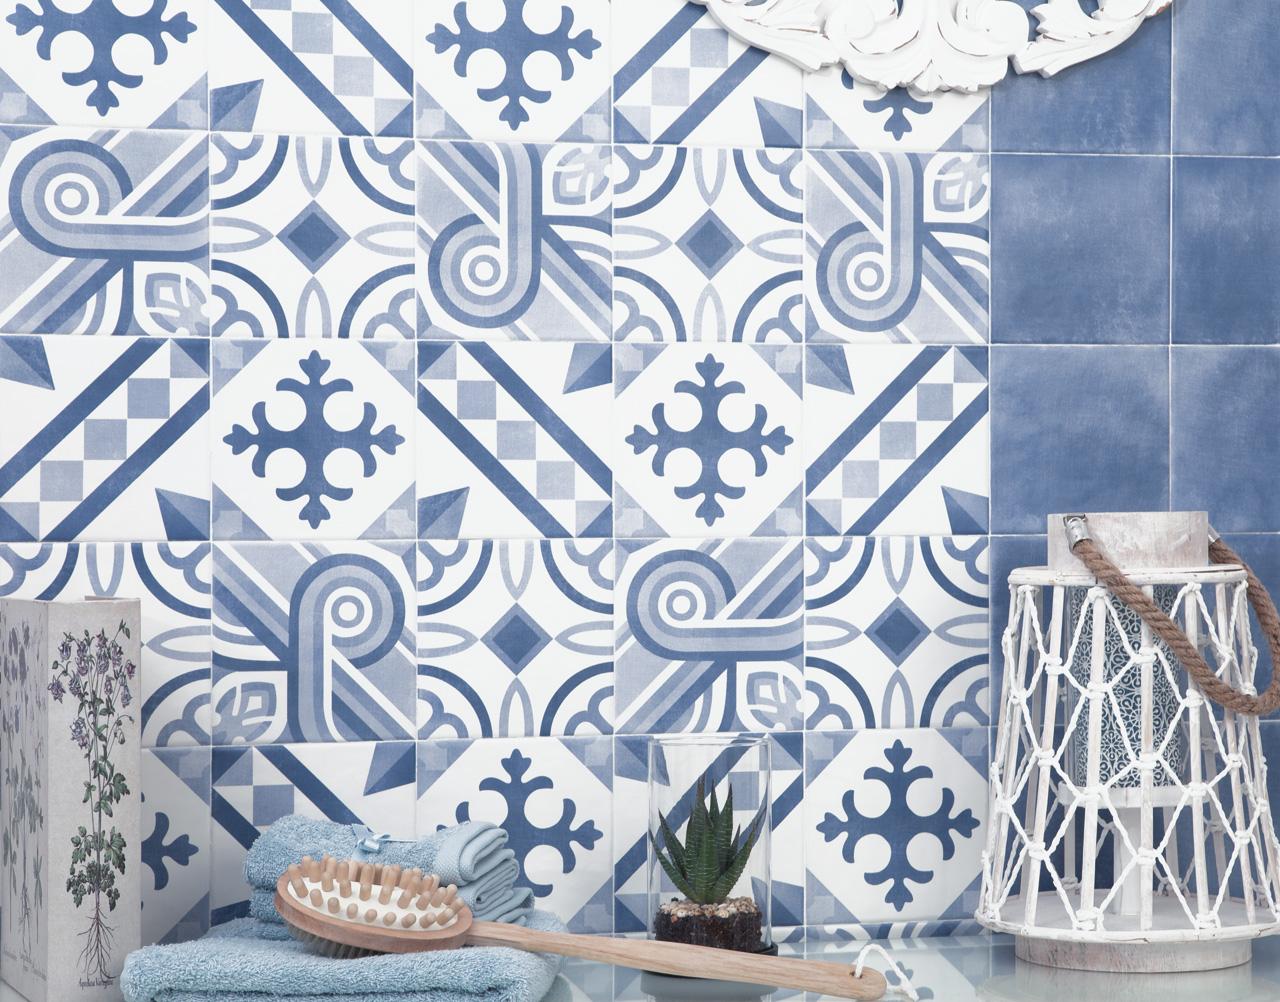 obklad-do-koupelny-dekorovany-jednobarevny-matny-15x15-atelier